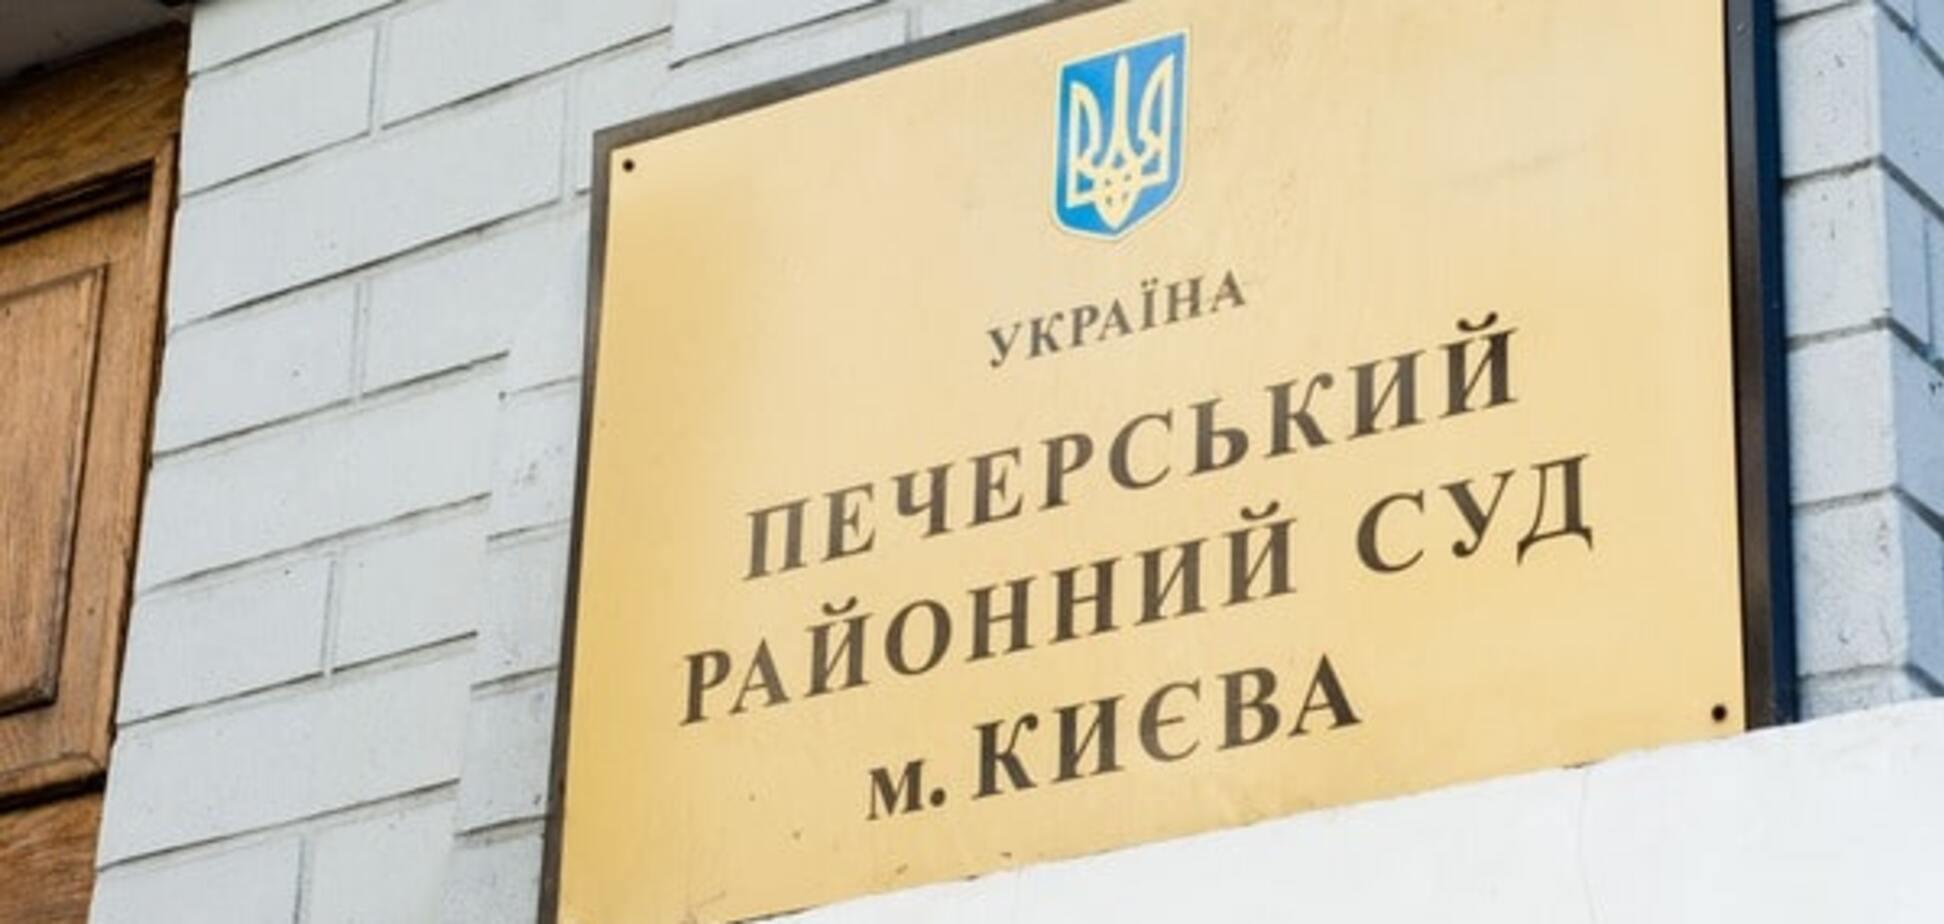 Консул посольства Молдови приїхав чинити тиск на суд у справі мільйонера Платона - адвокат